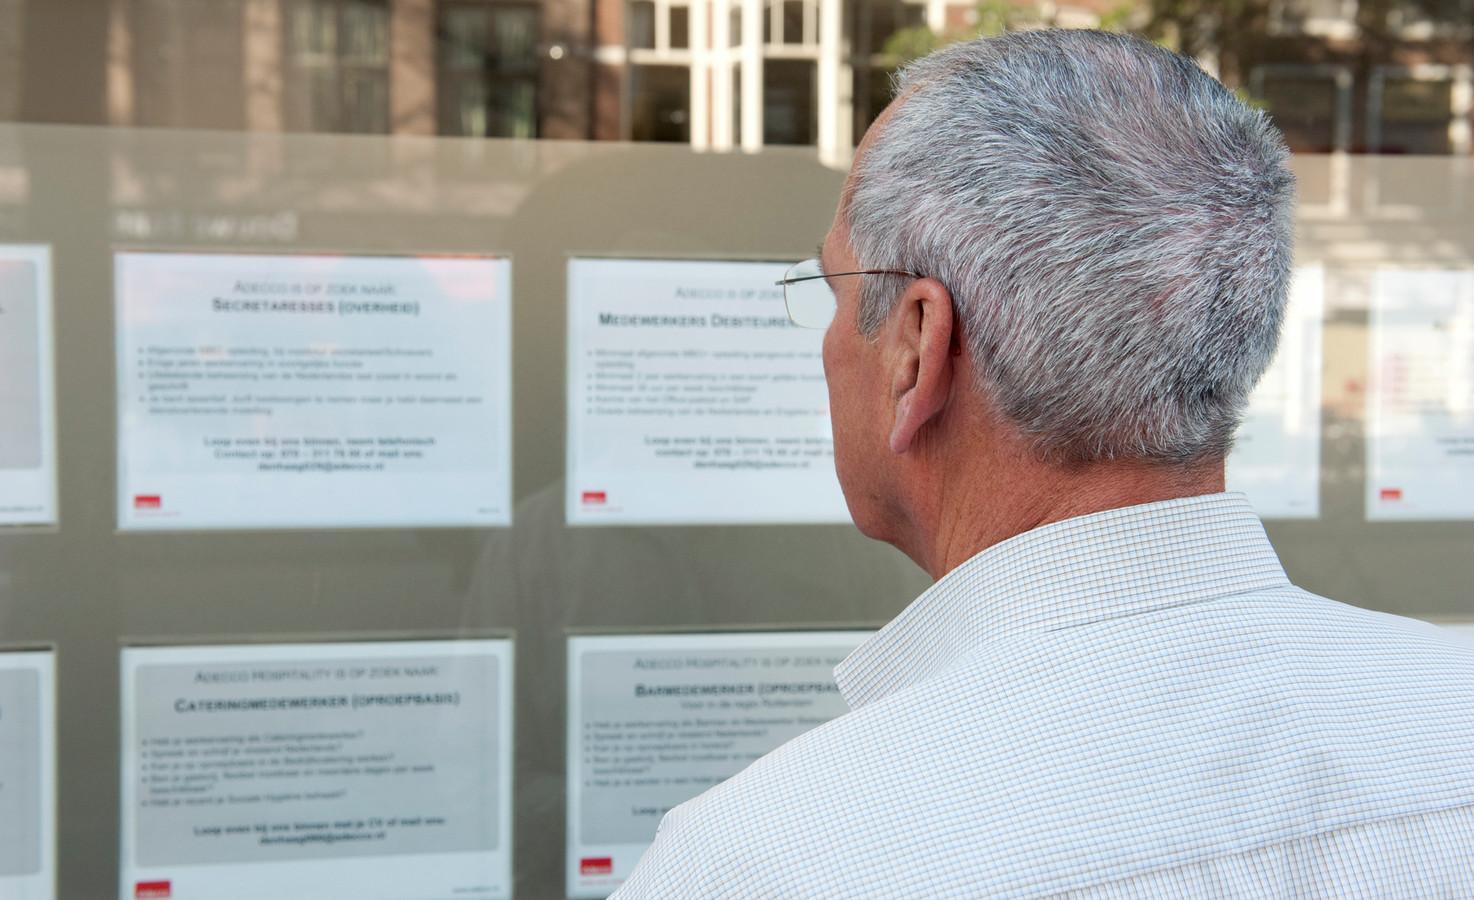 Foto ter illustratie. Een oudere man bekijkt vacatures bij een uitzendbureau.